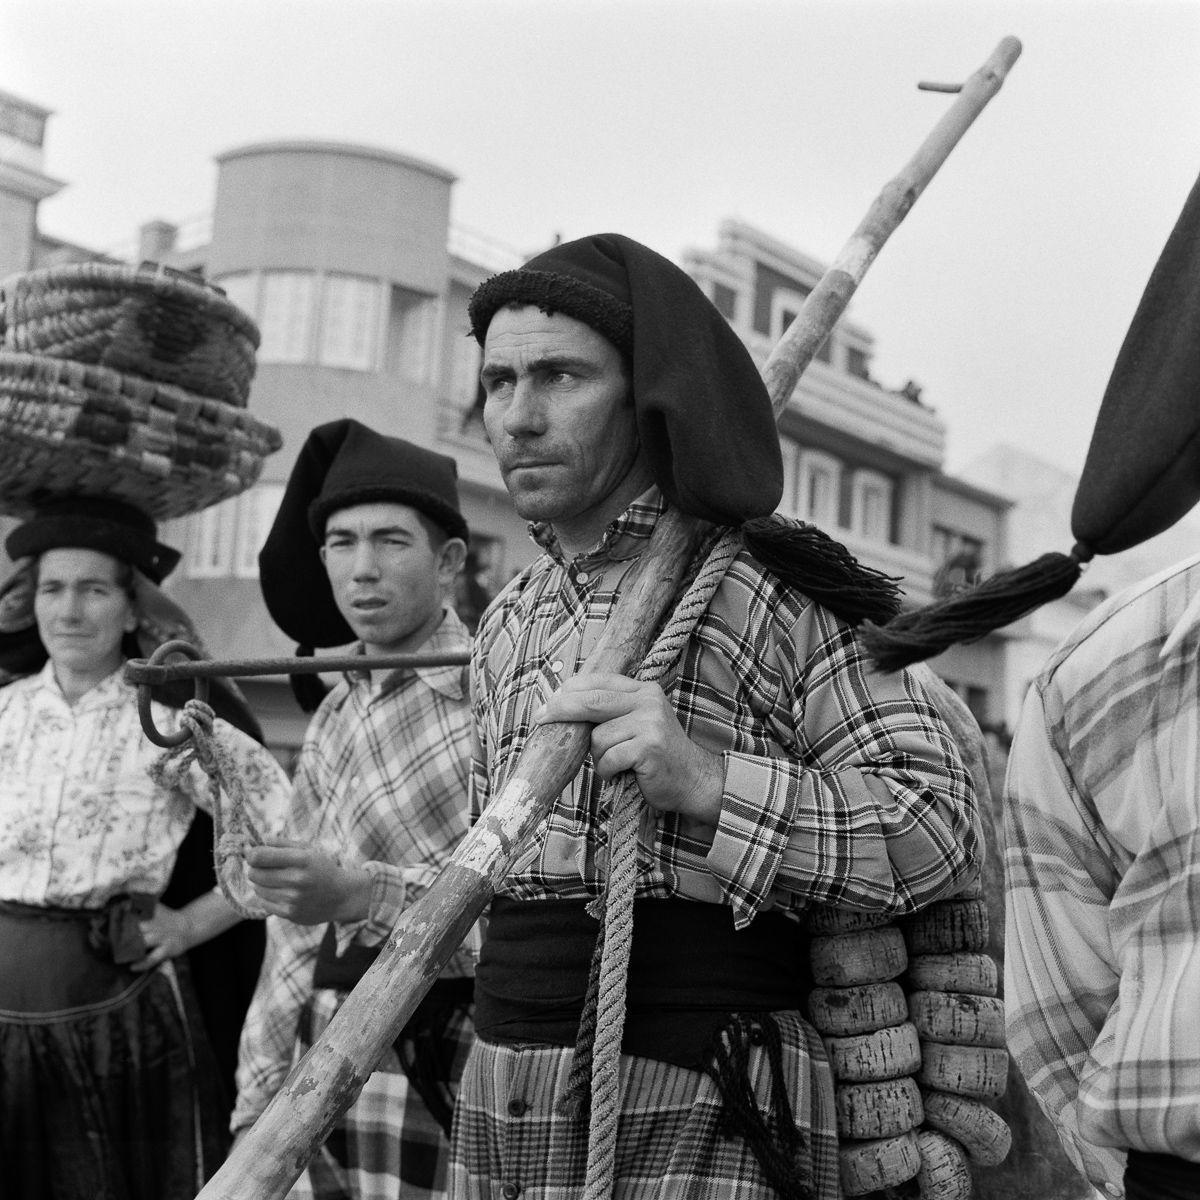 Fotografias deslumbrantes capturam a cultura da pesca dos anos 50 em Portugal 12